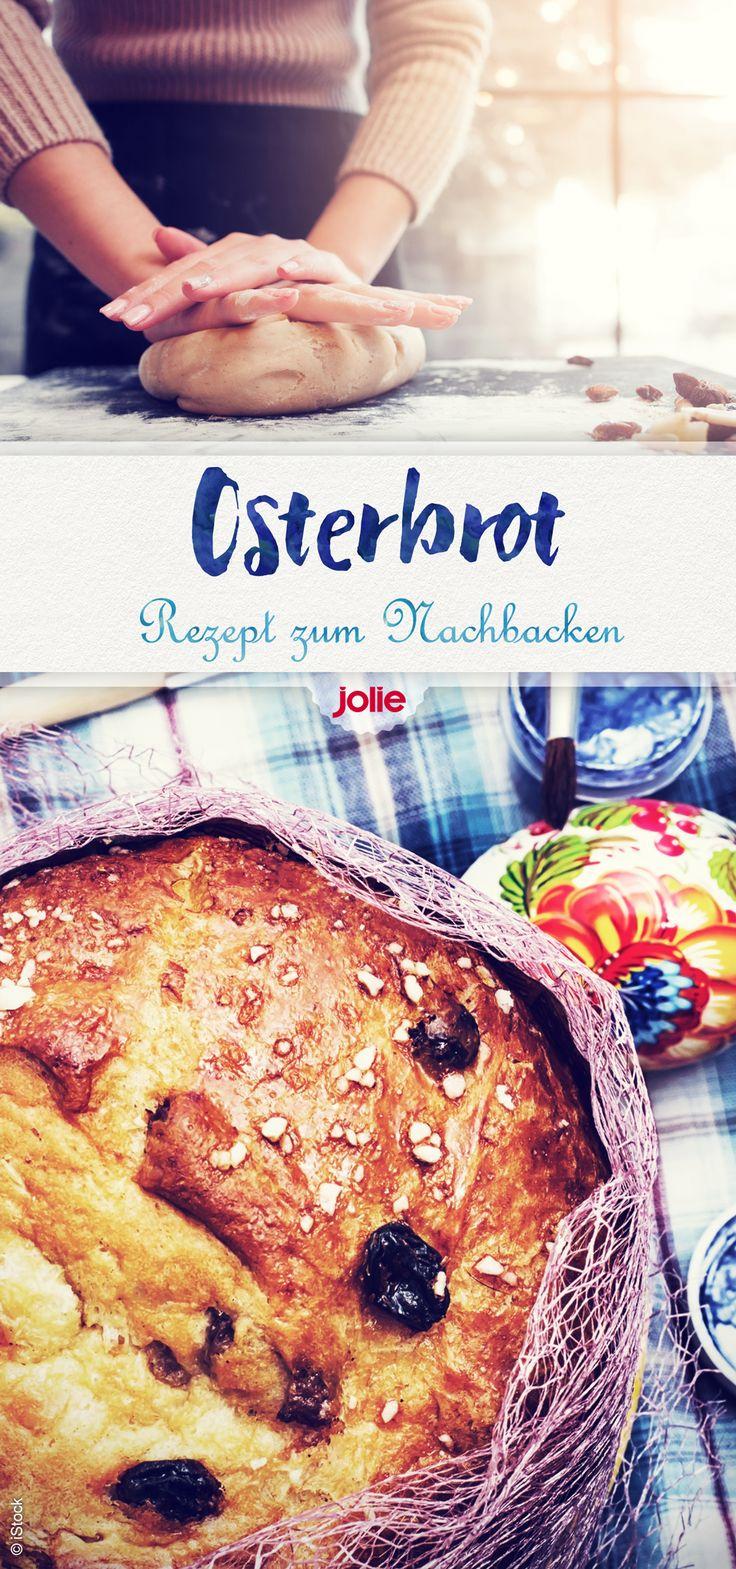 Auf Jolie.de findet ihr das schnelle Rezept für ein leckeres Osterbrot!